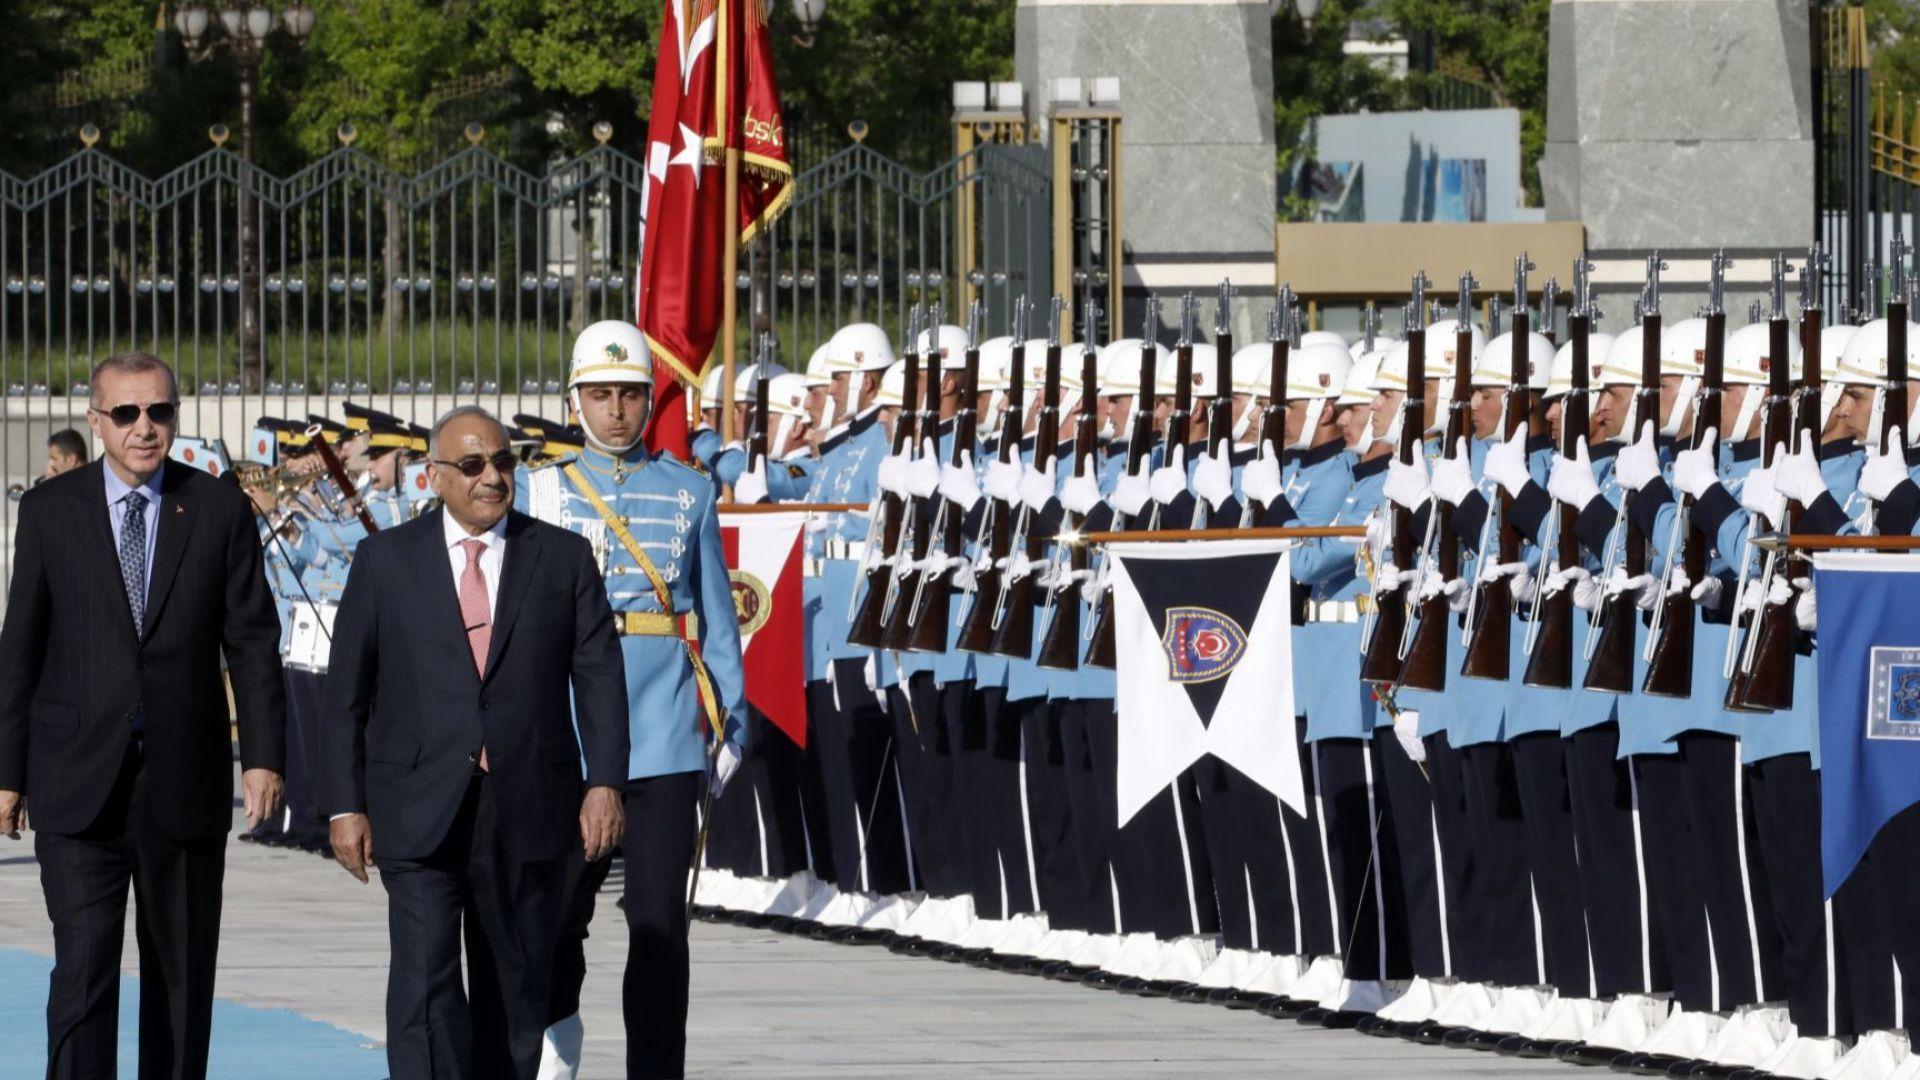 С 21 топовни залпа Анкара приветства иракският премиер Адел Абдел